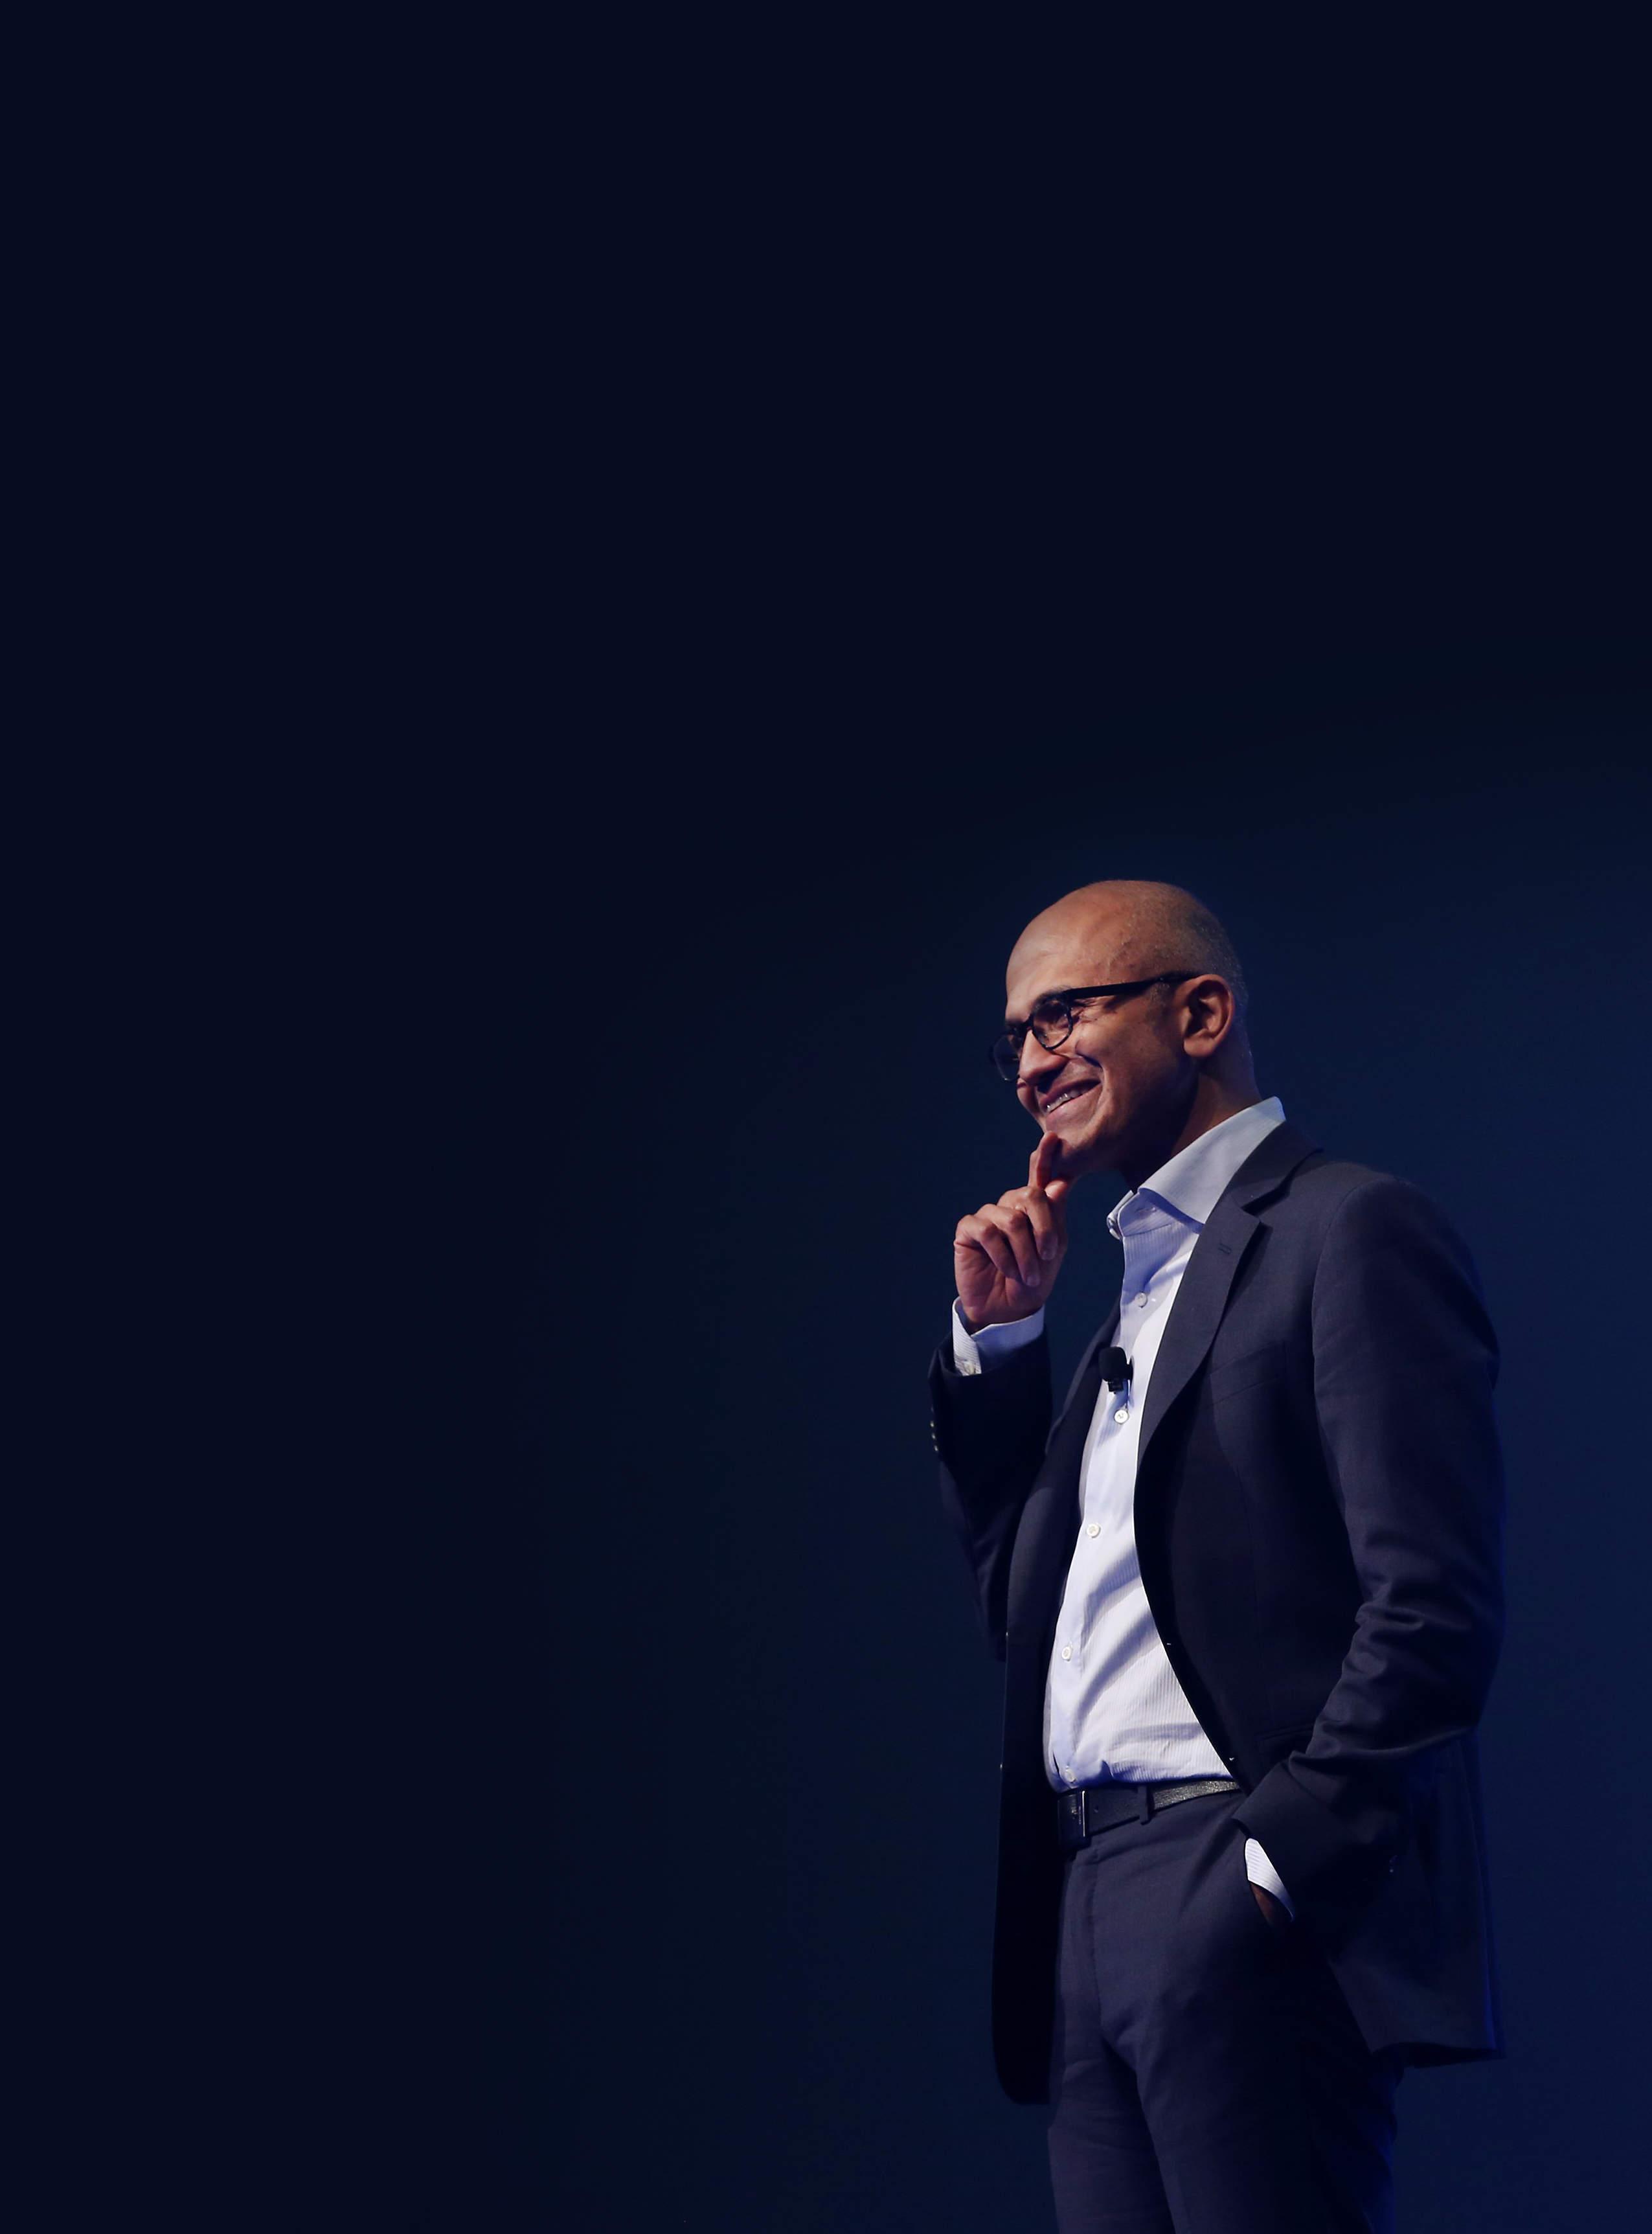 Microsoft, Satya Nadella